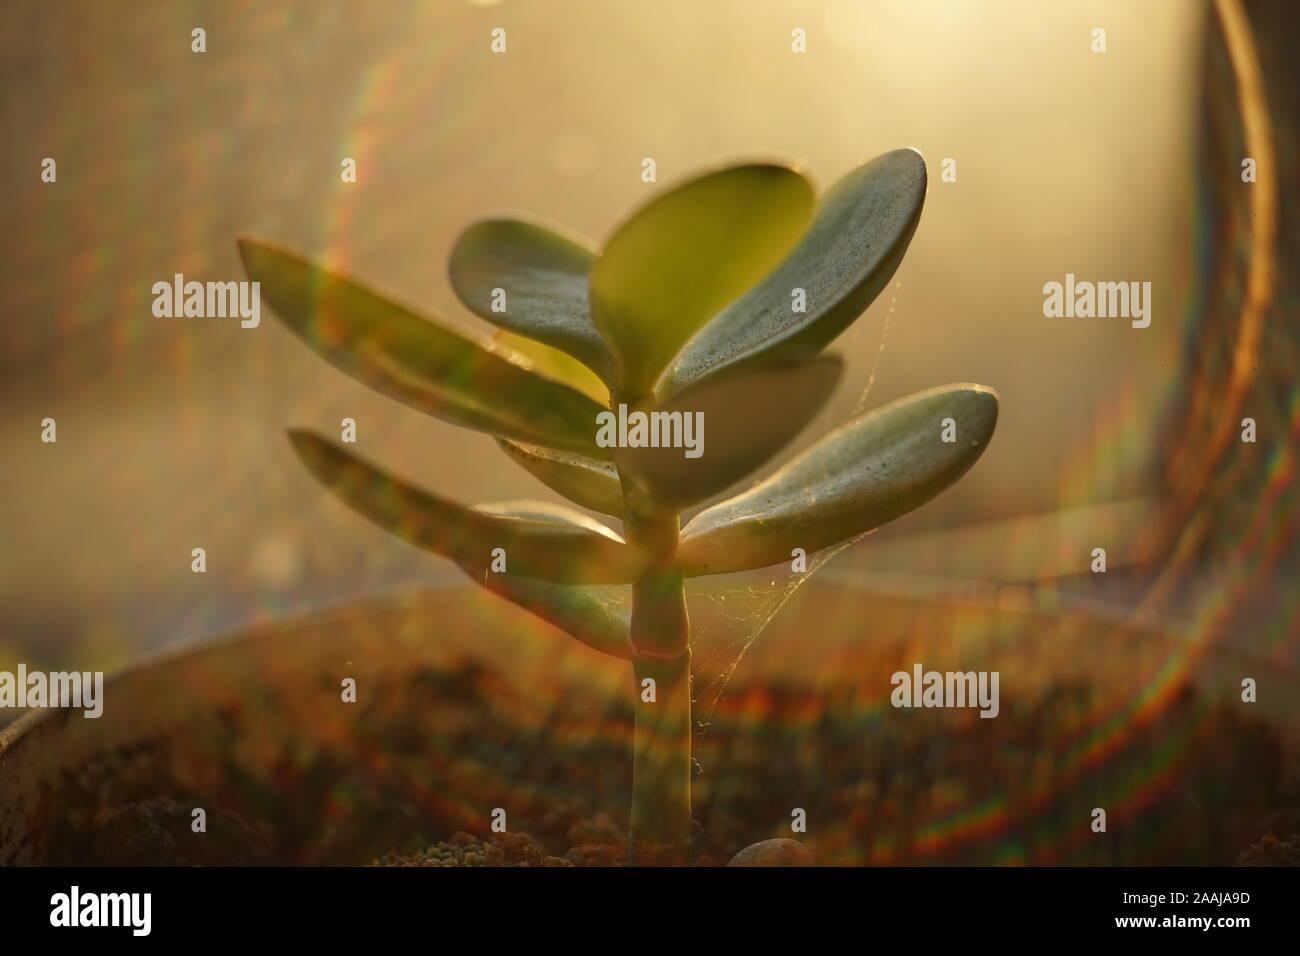 Junge sprießen Money Tree. Crassula Blume Nahaufnahme. Stockfoto